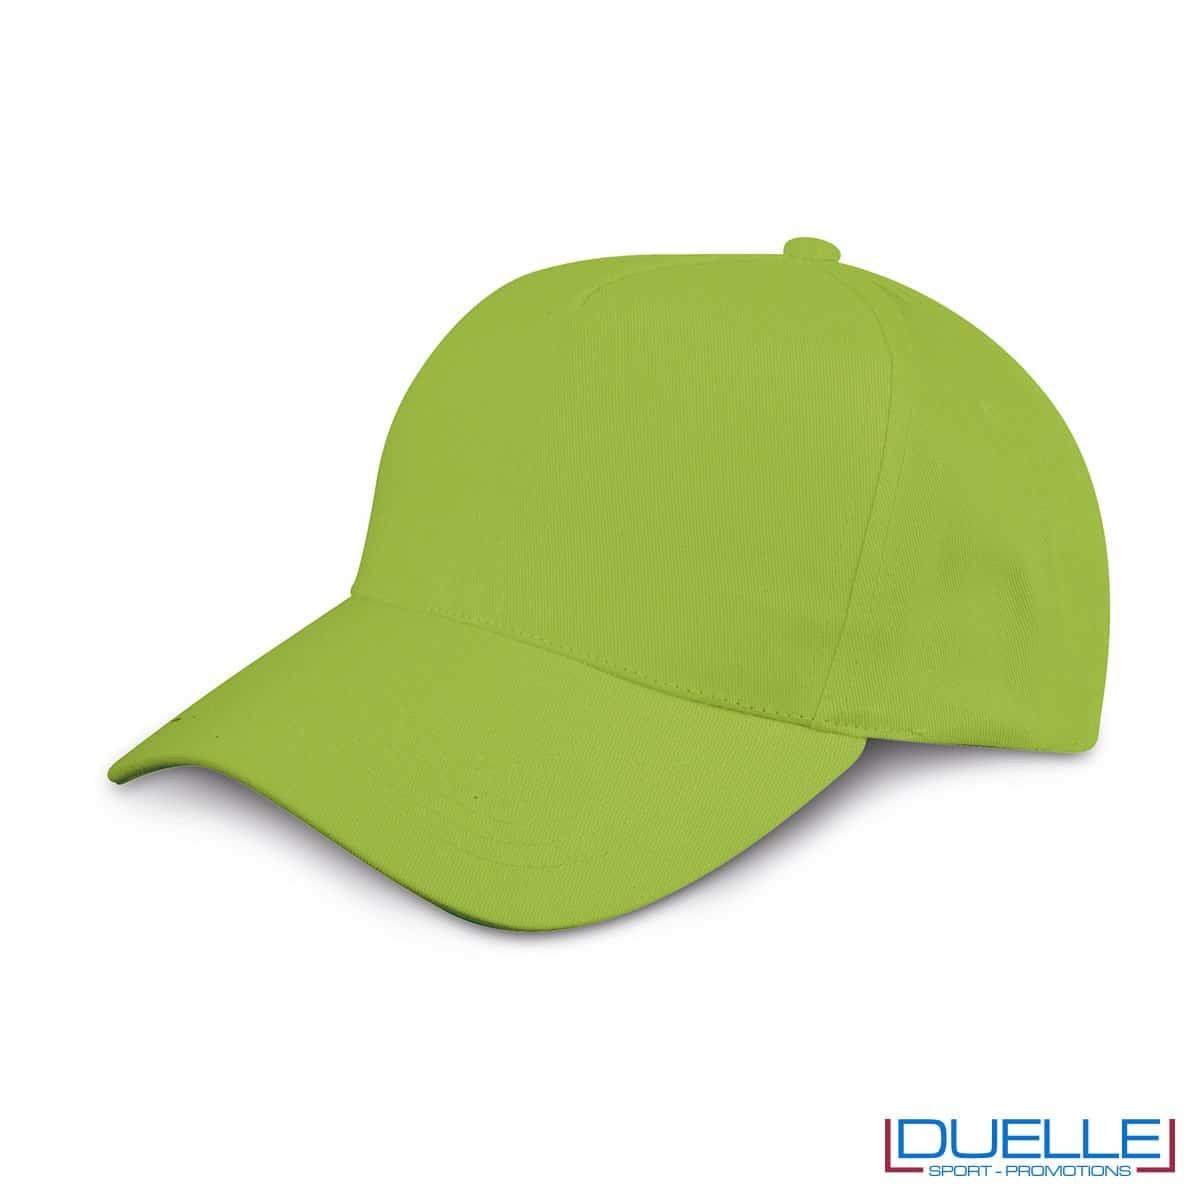 cappellino personalizzato golf a 5 pannelli colore verde acido